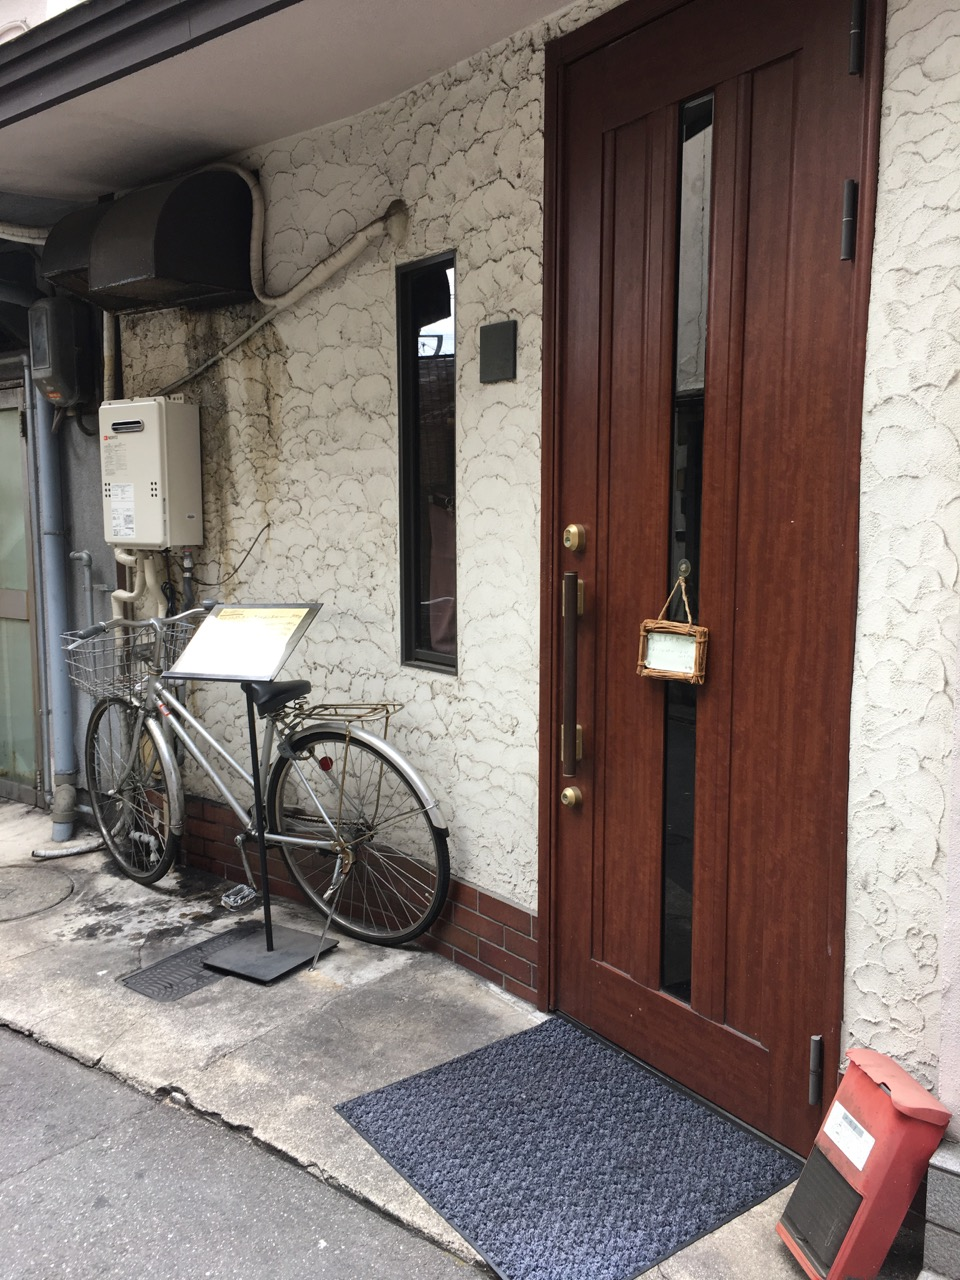 石橋の隠れ家洋食店 Rire(リィール)